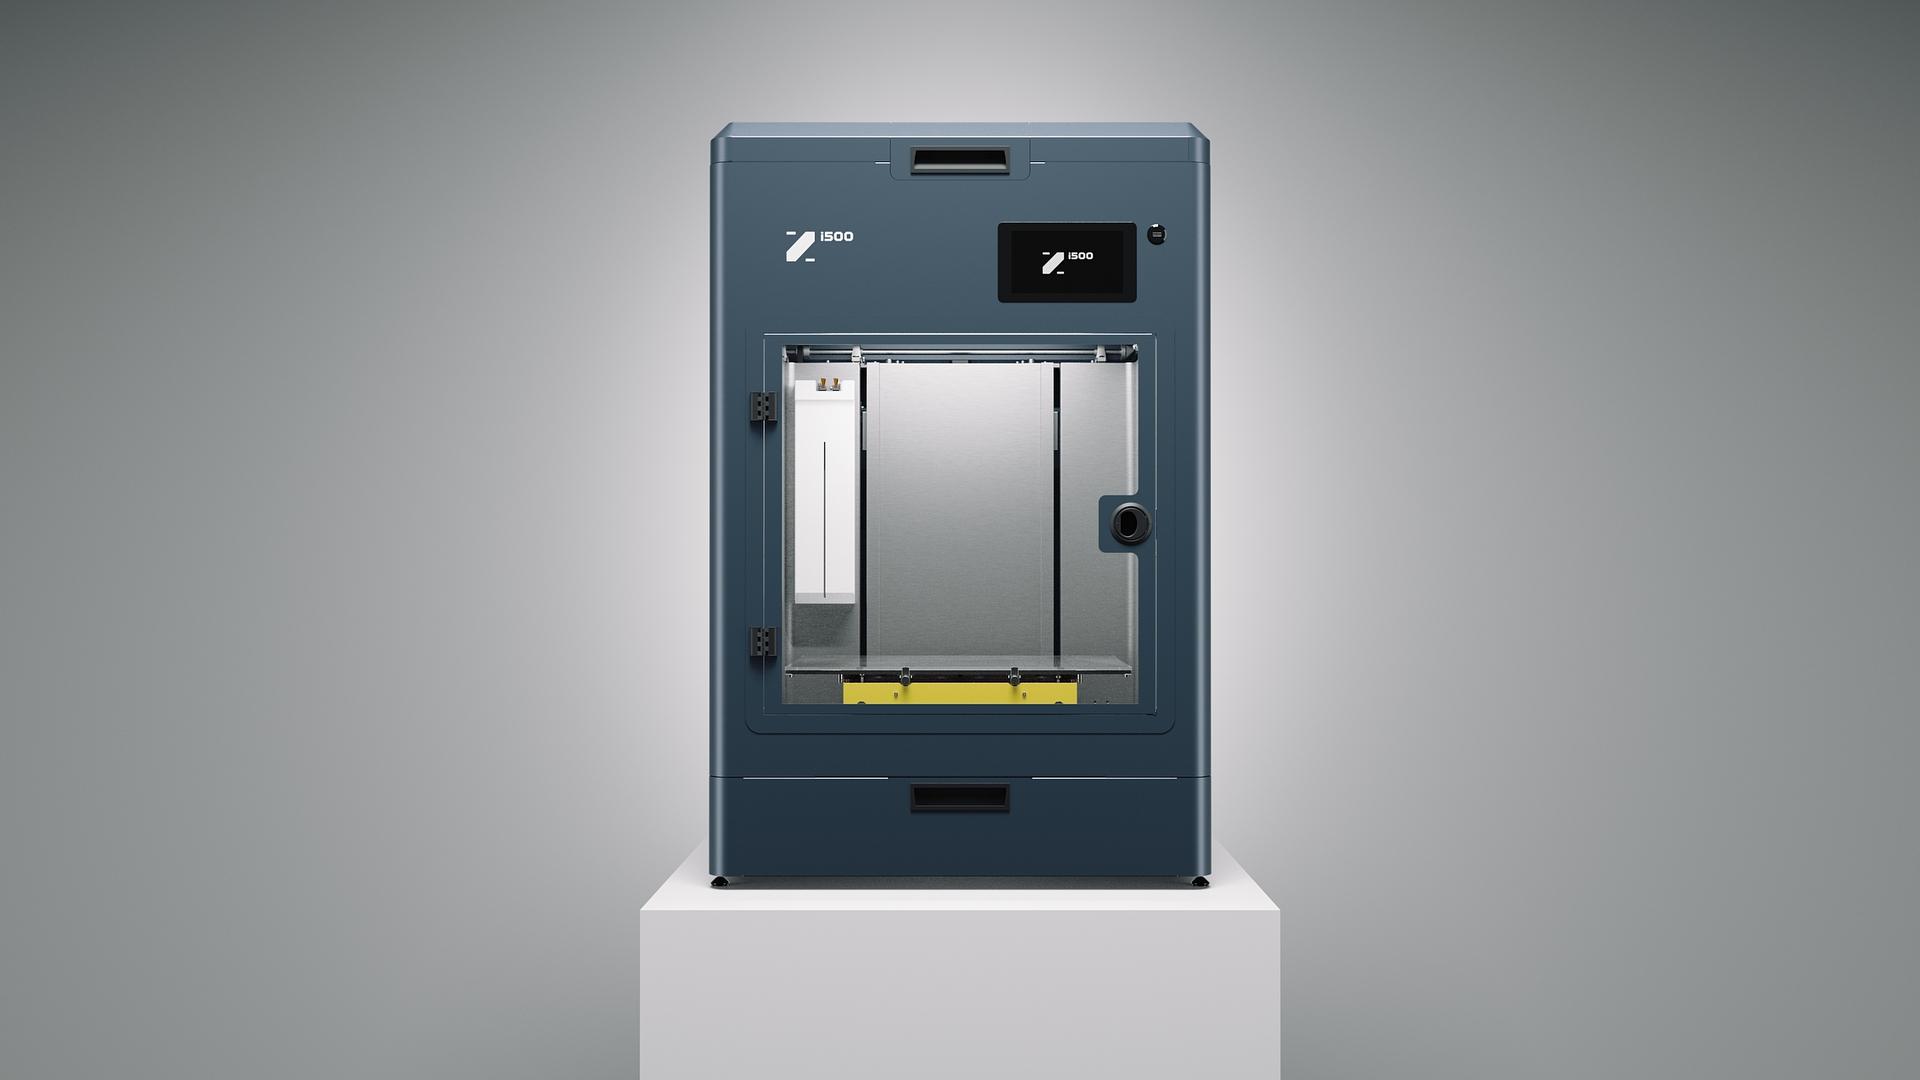 Zmorph annonce l'imprimante 3D de qualité industrielle Zmorph i500